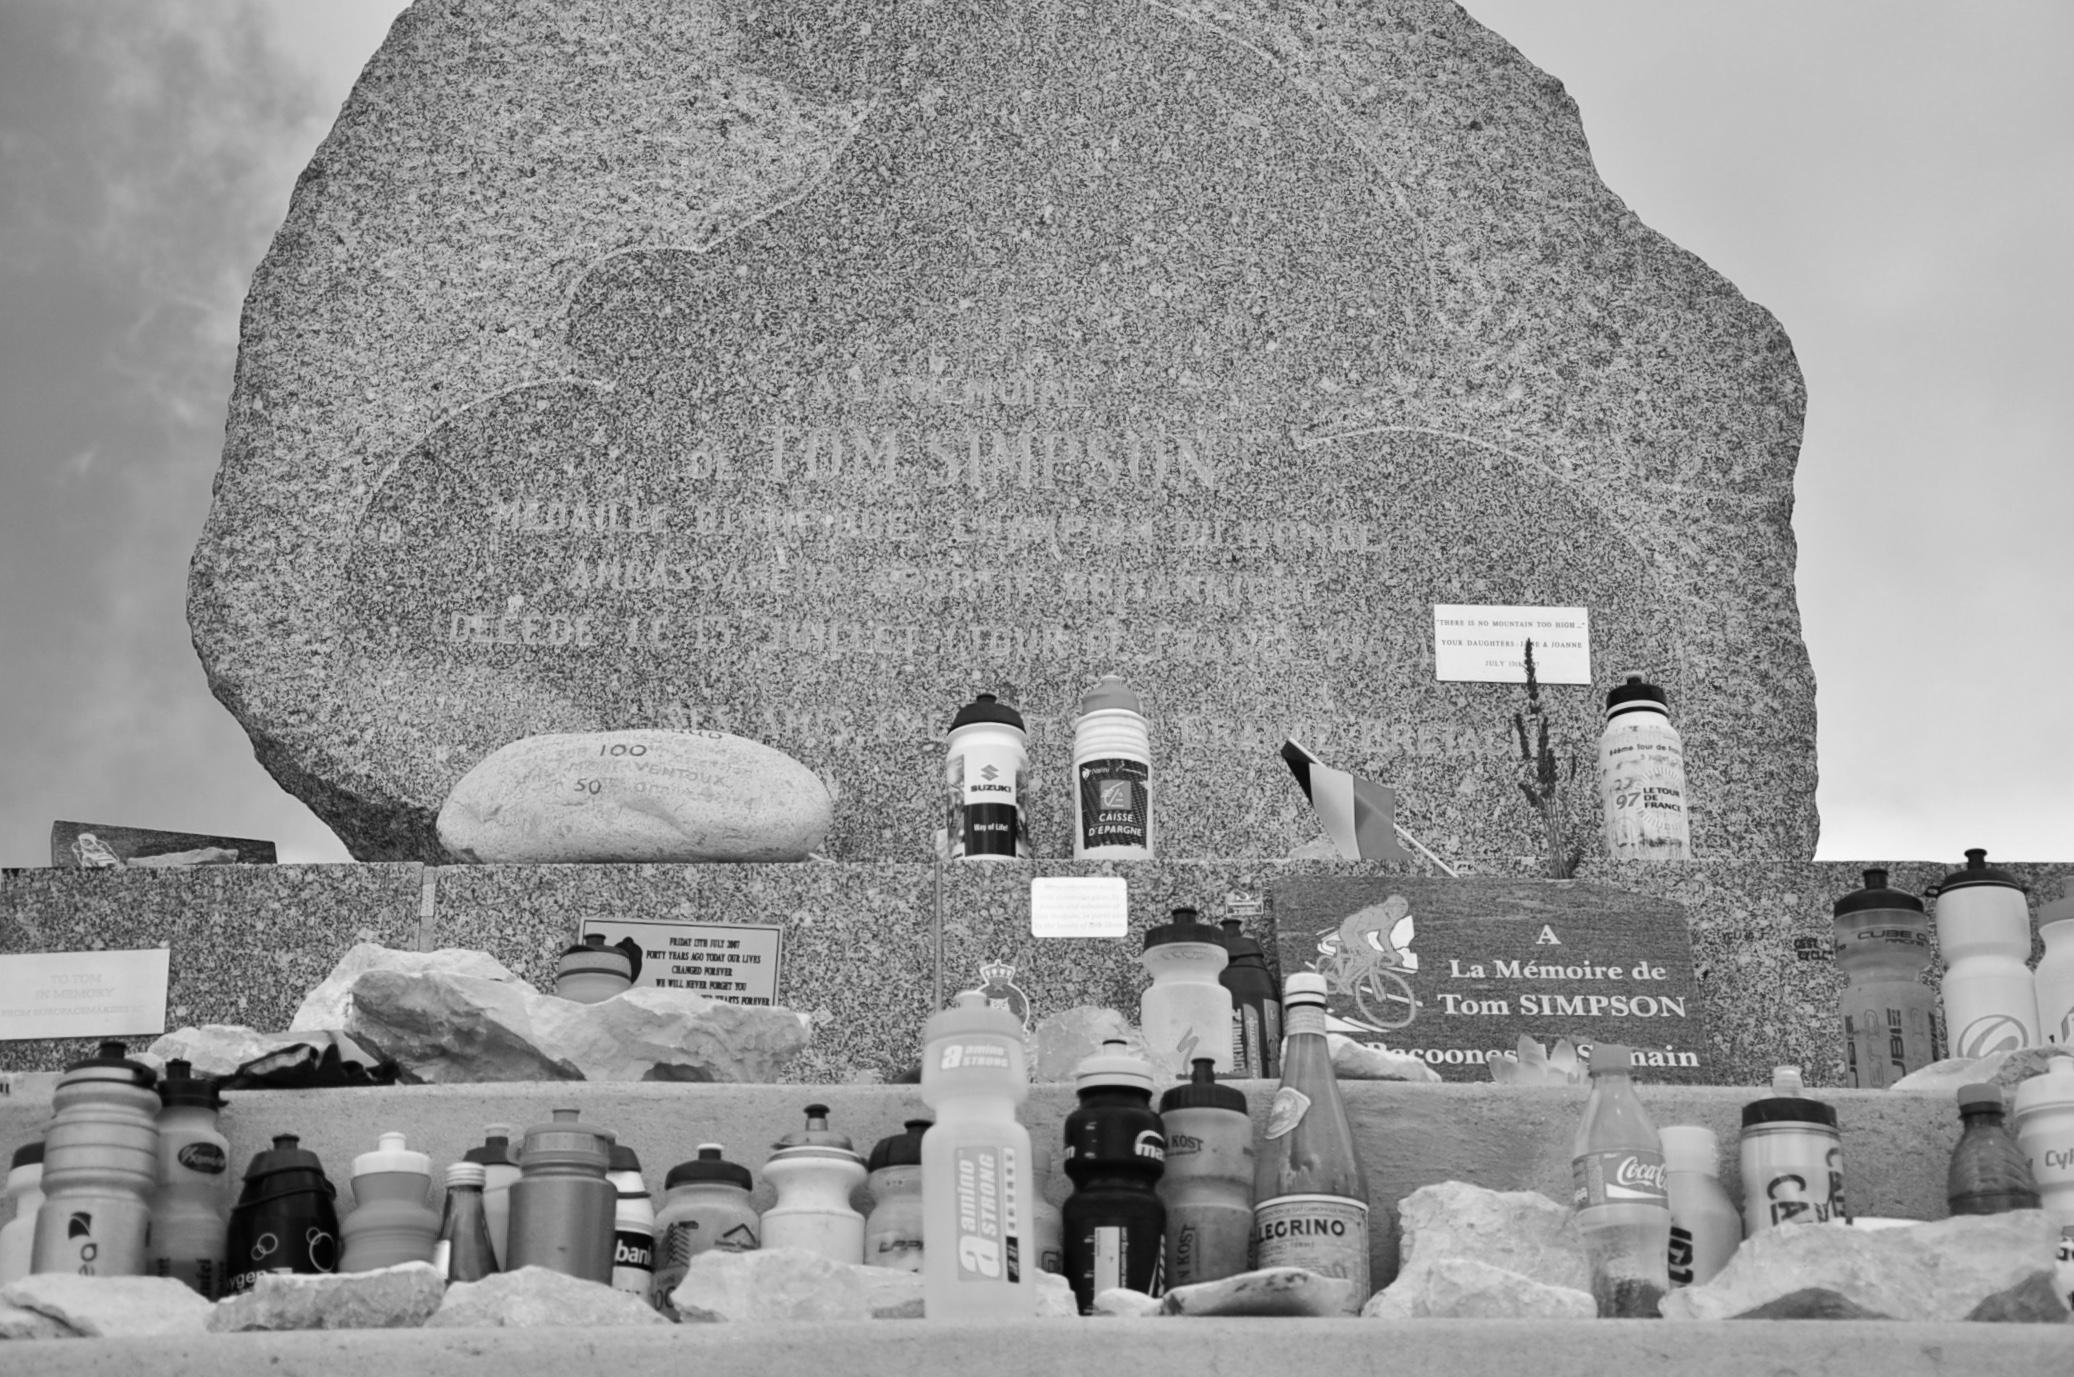 湯・辛普森 (Tom Simpson) 紀念碑。來此悼念的車手都會獻上自已使用過的水壺,小馬也是。